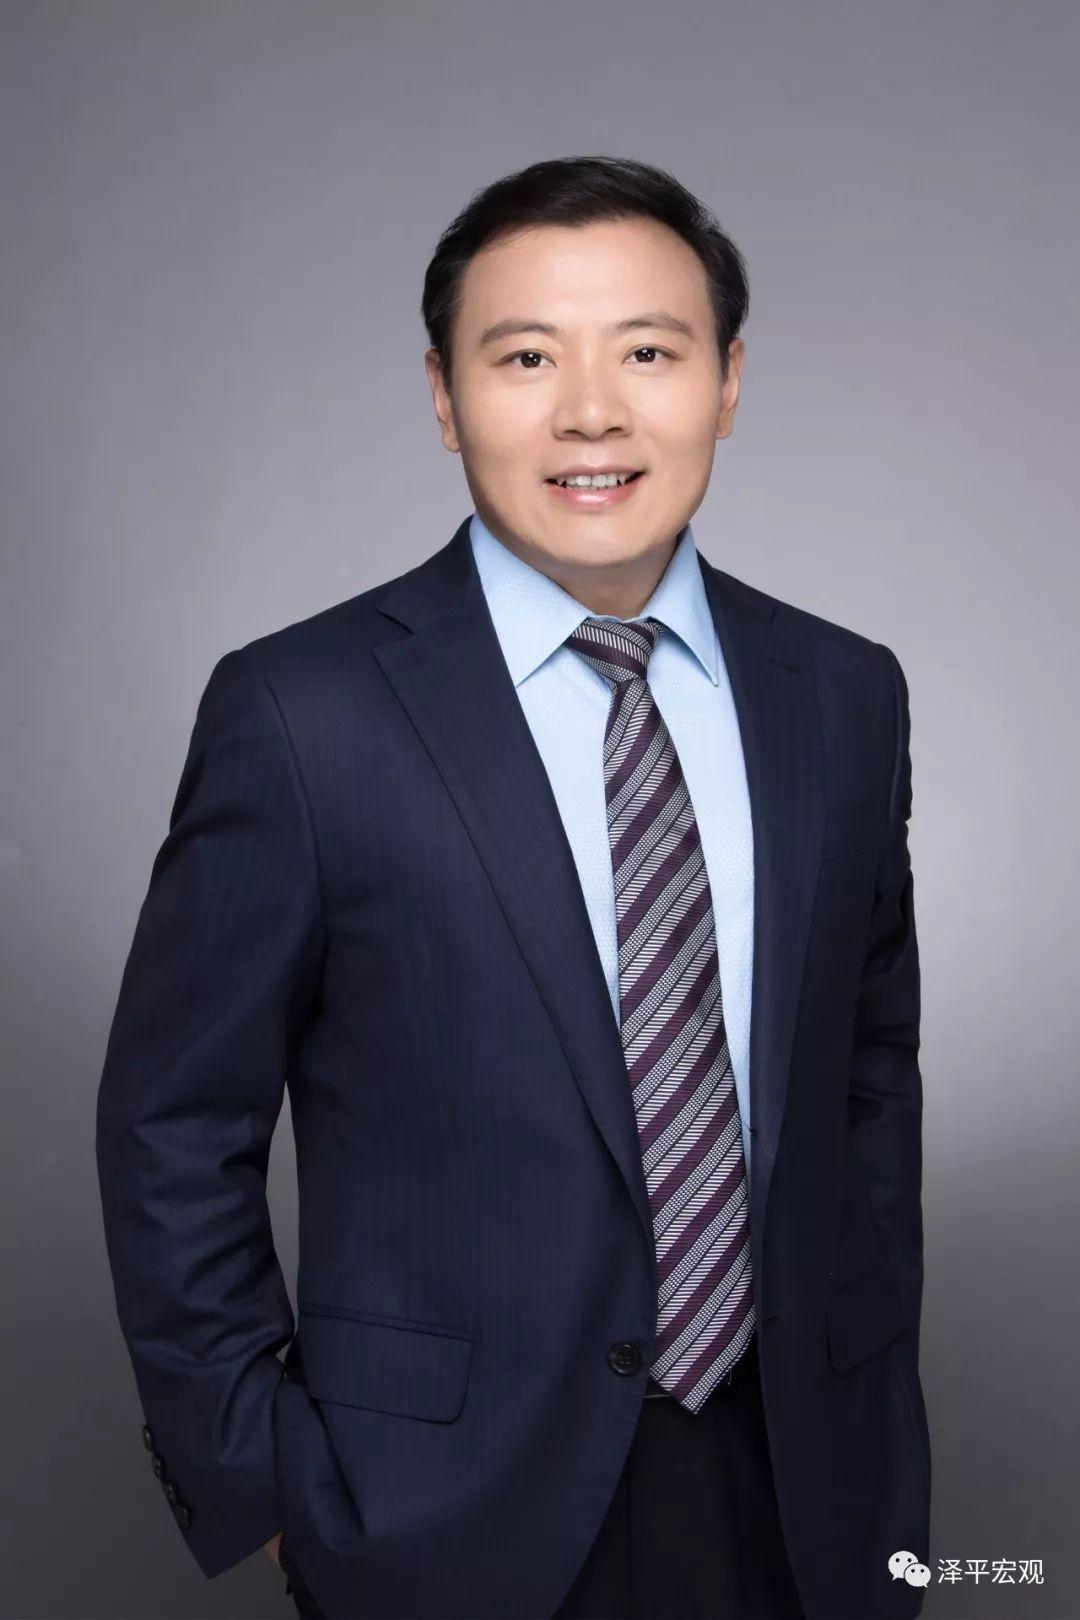 任泽平:最好的投资机会就在中国,对改革洗礼后的中长期经济前景乐观